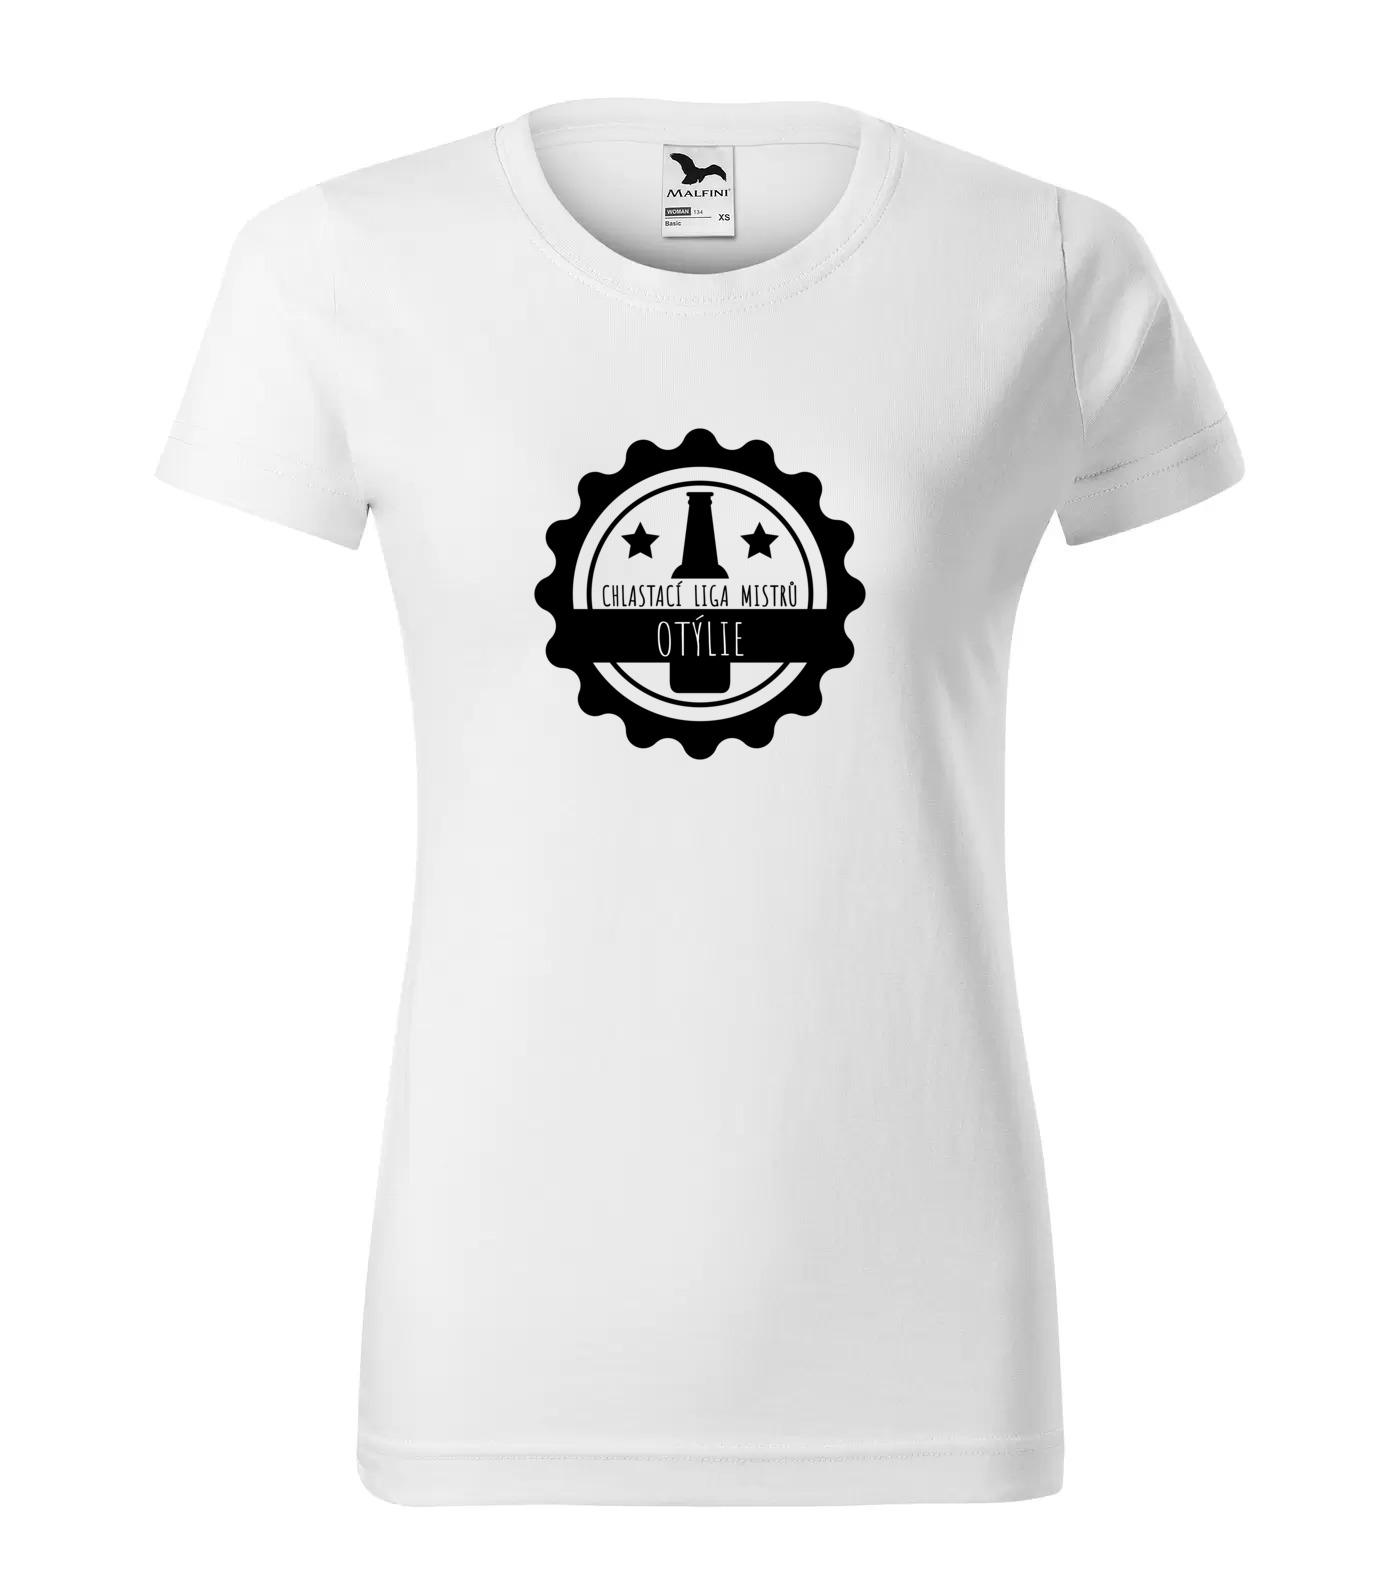 Tričko Chlastací liga žen Otýlie